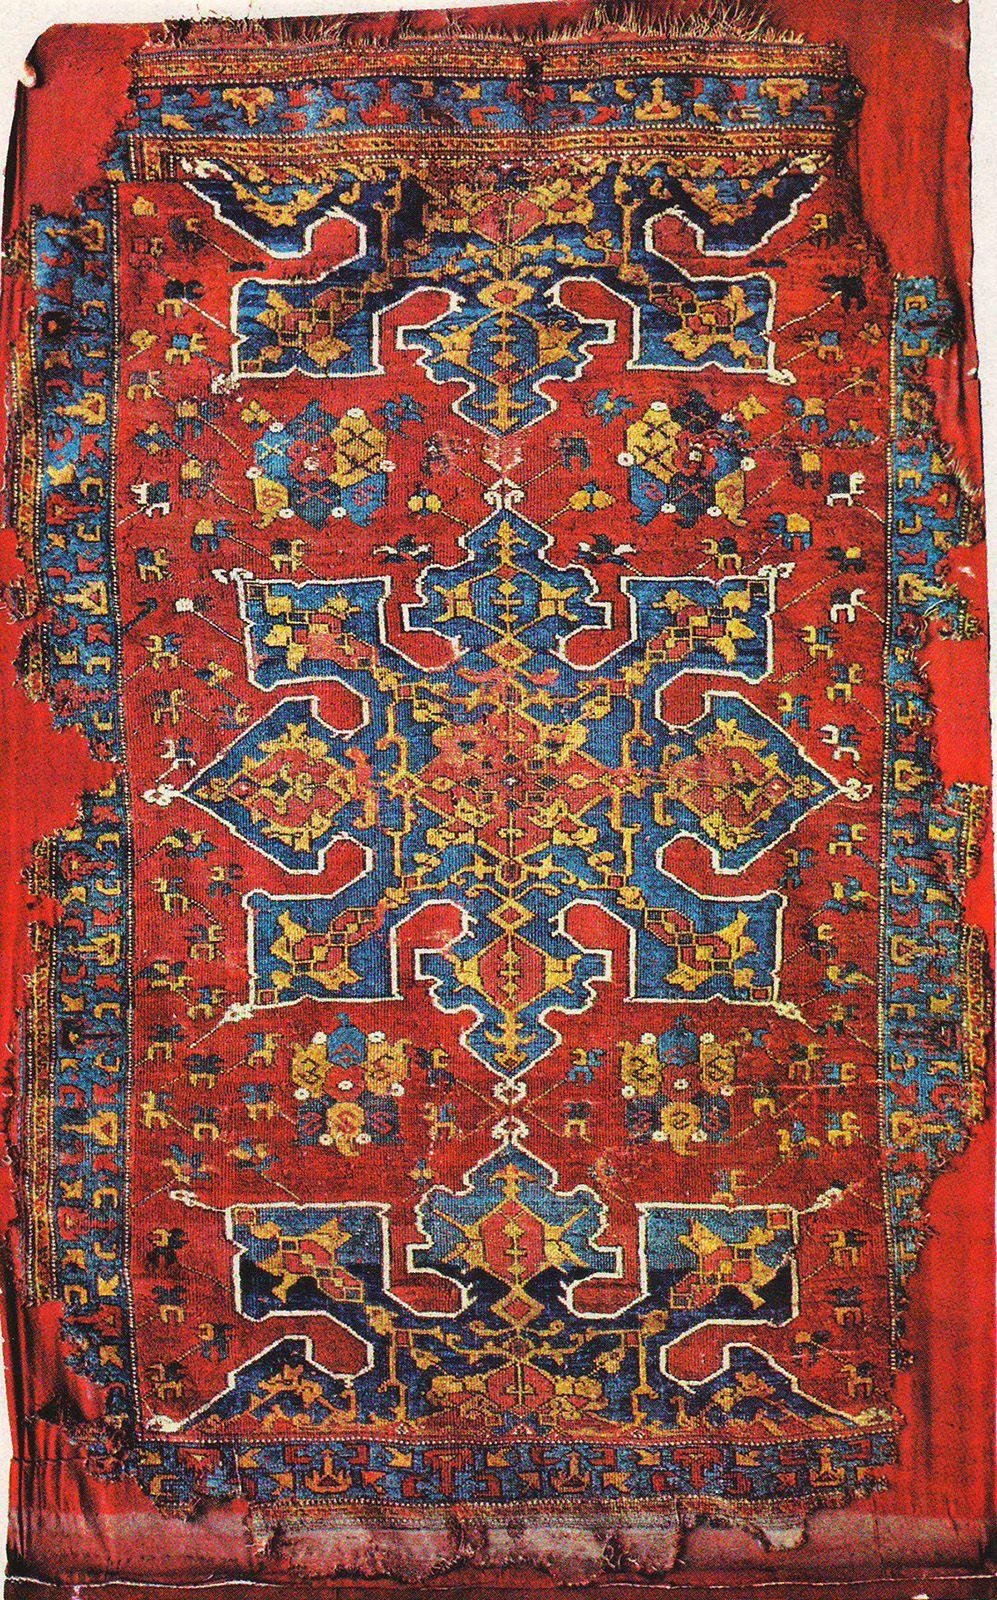 Star Ushak rug, XVII (17) century, Turkey, Ottoman Empire. Turkish ...